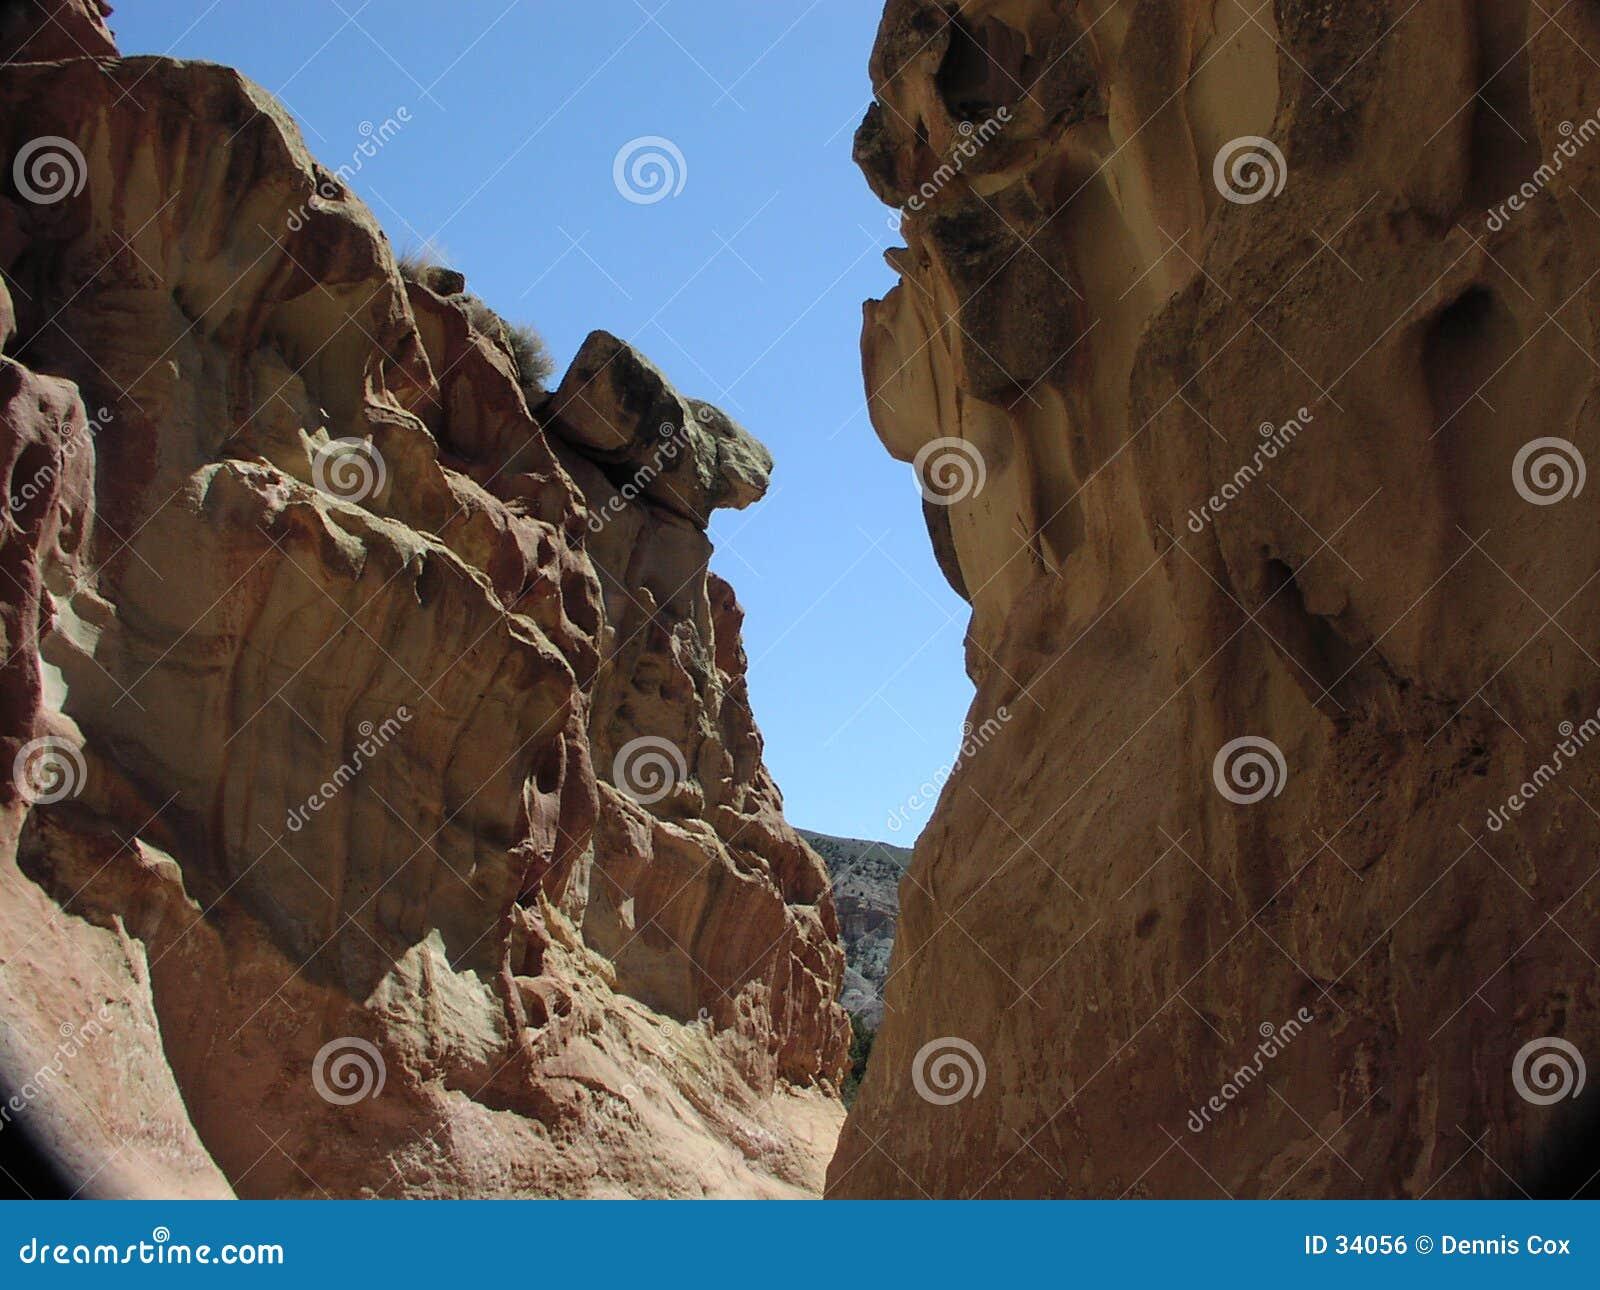 Entre une roche et une roche différente